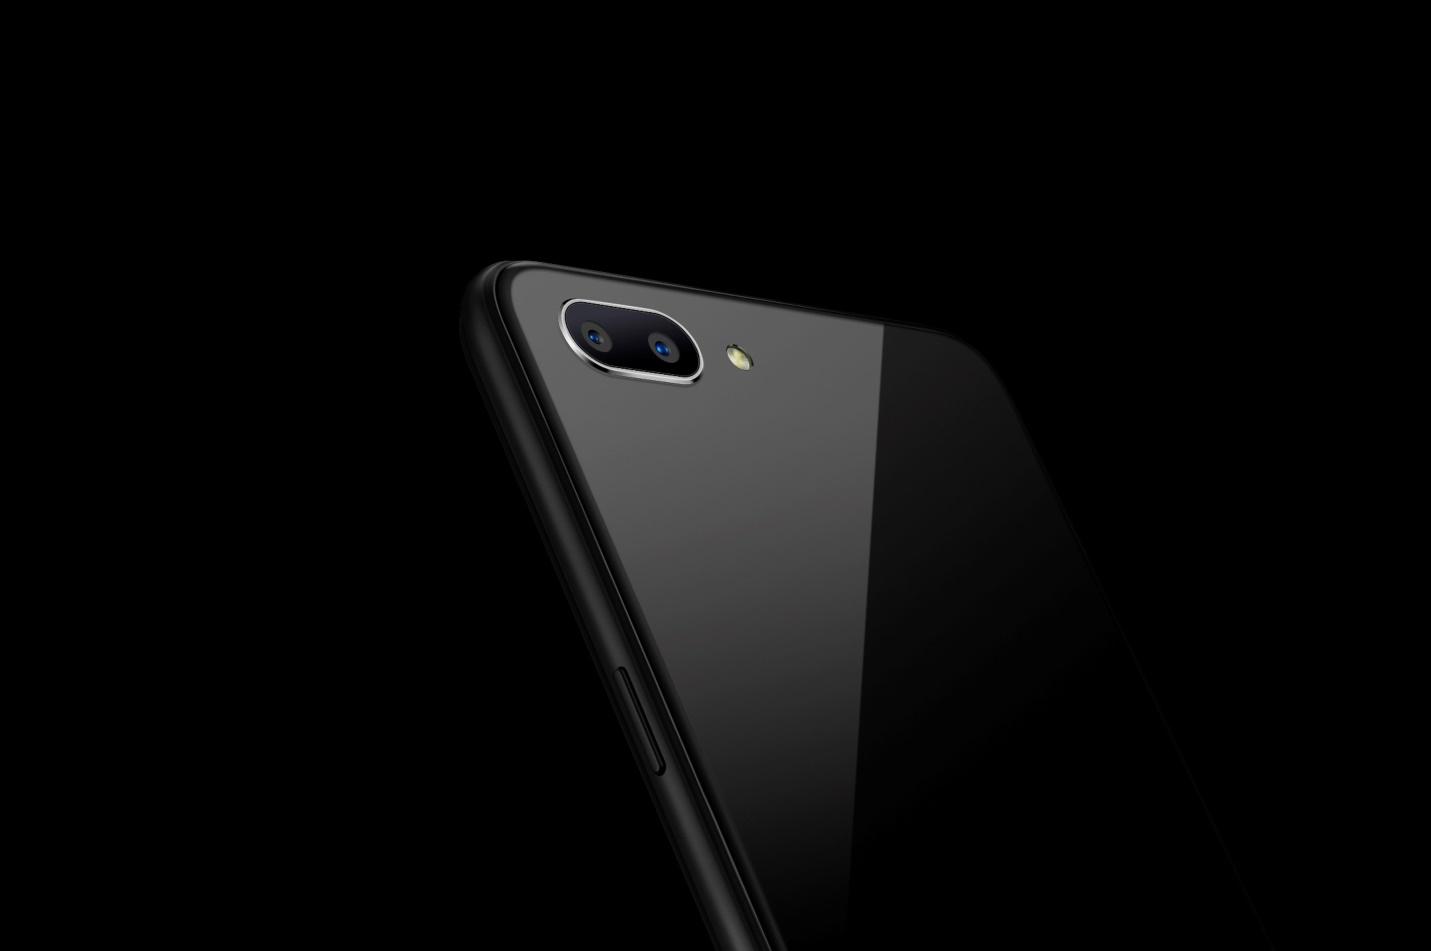 Vượt quá 11.000 máy bán ra, Realme C1 đang làm nóng tháng 11 - Ảnh 5.